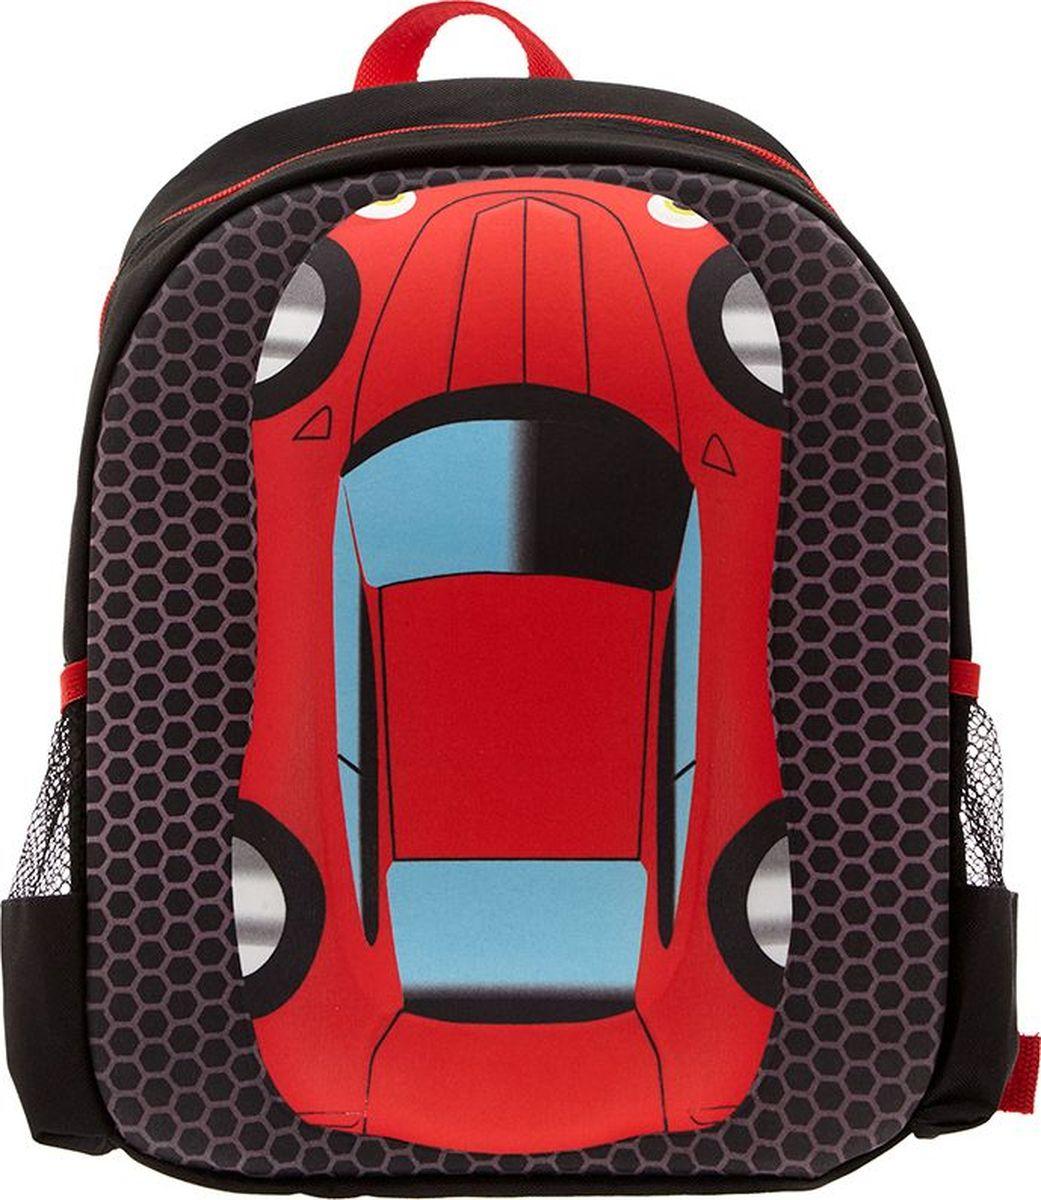 3D Bags Рюкзак дошкольный Машина 3d bags рюкзак дошкольный машина